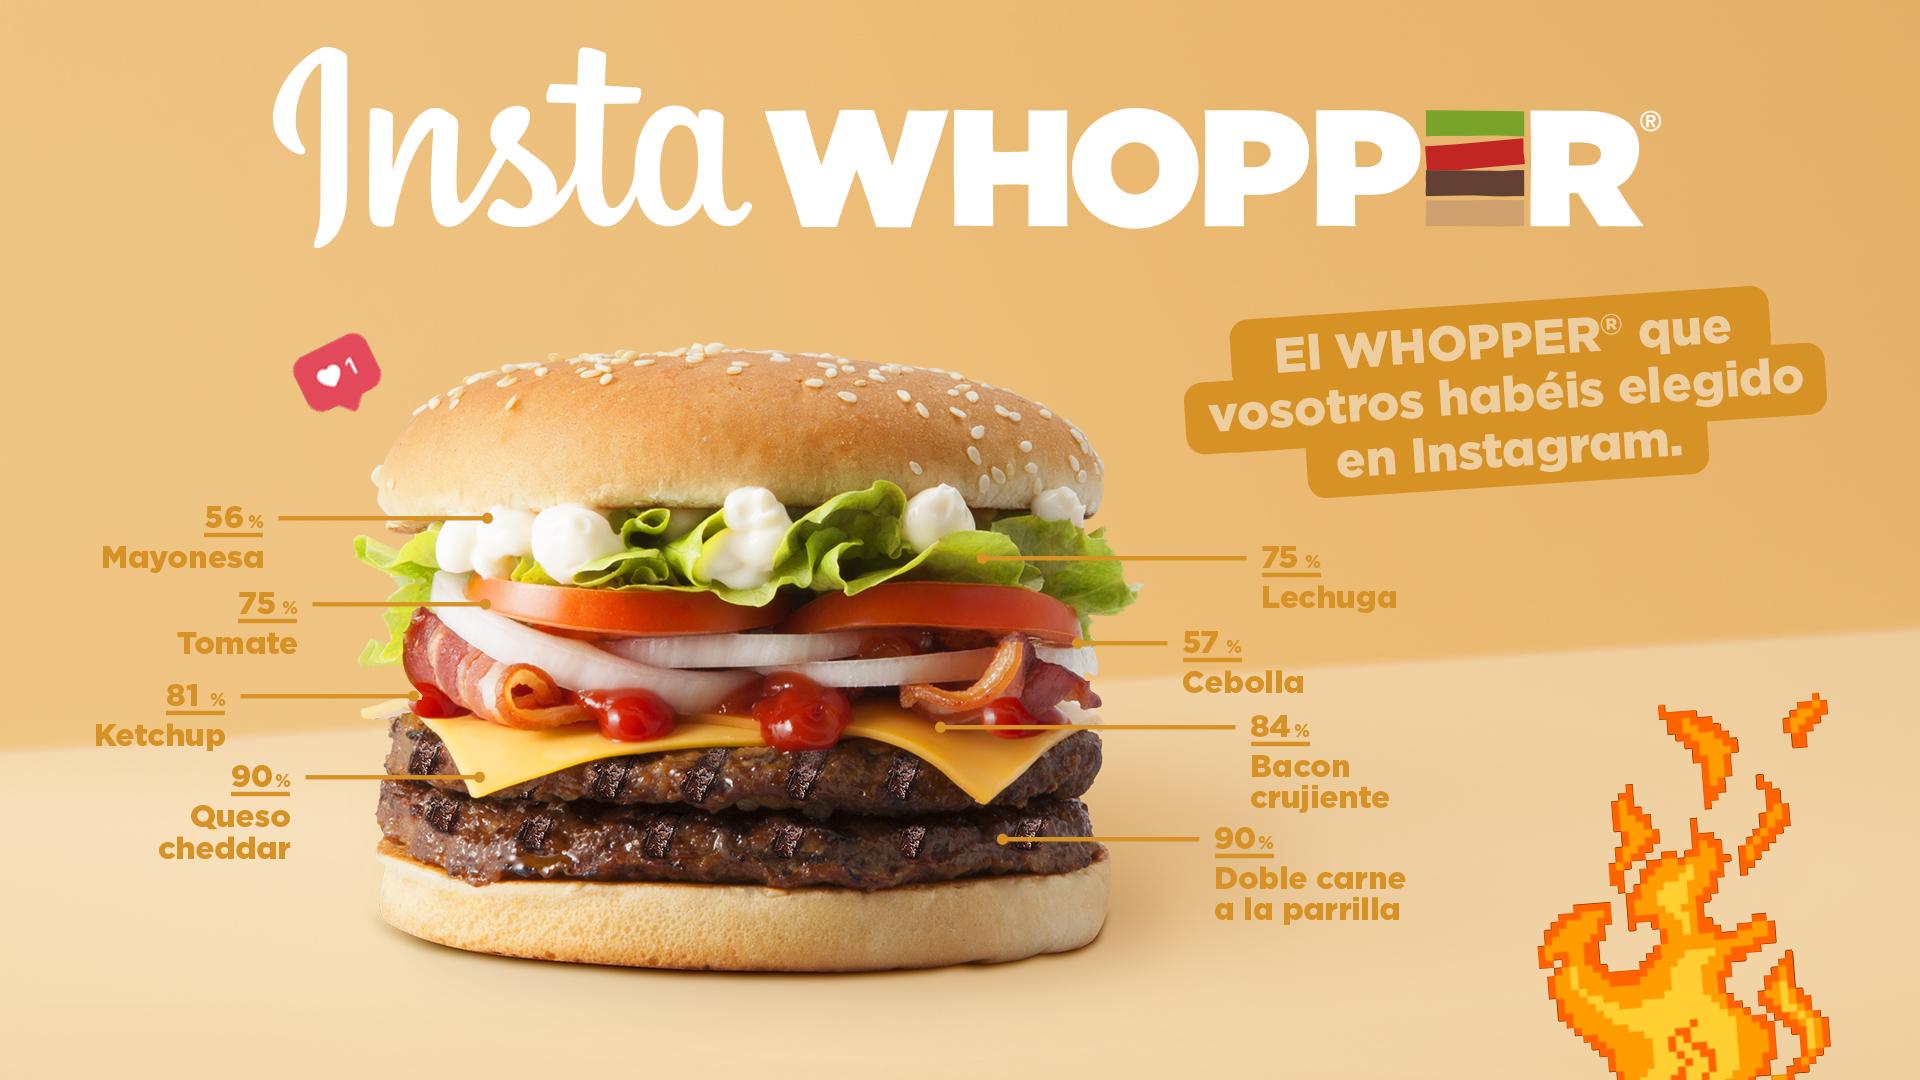 Con doble de carne, queso, bacon y sin pepinillo, así es la hamburguesa preferida de los españoles